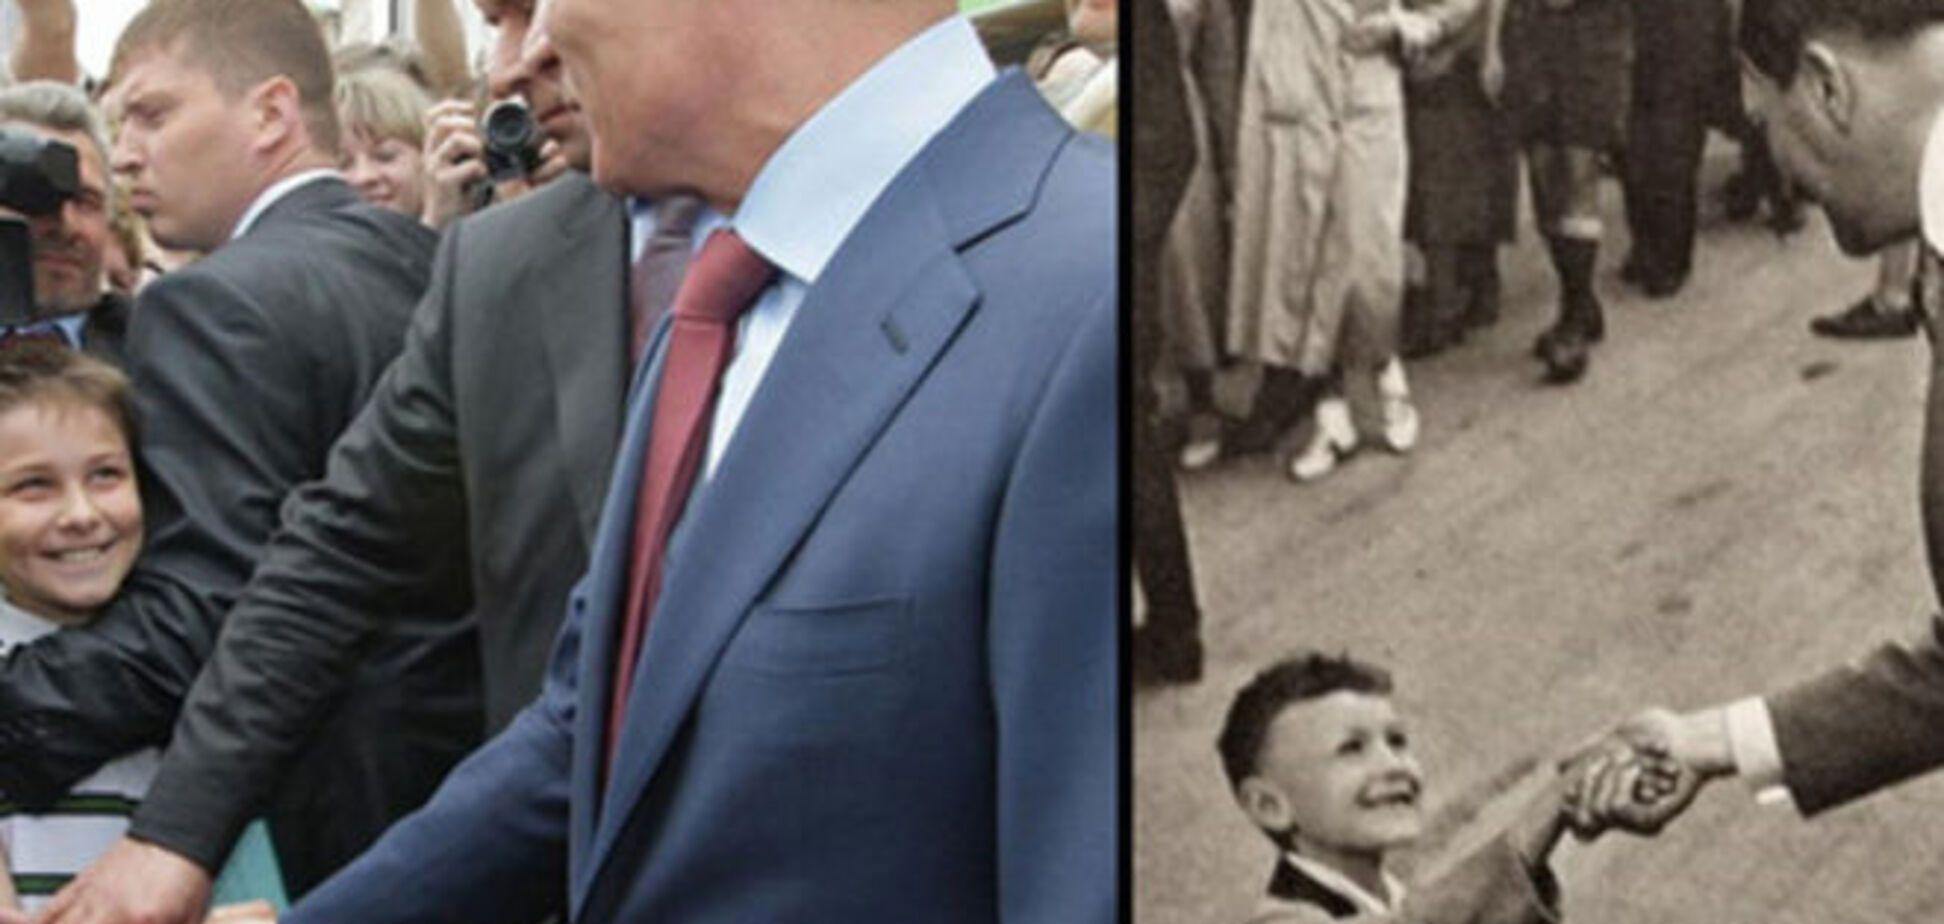 Росіяни навіть фюрера вкрали! Дивно схожі фото Путіна і Гітлера шокують